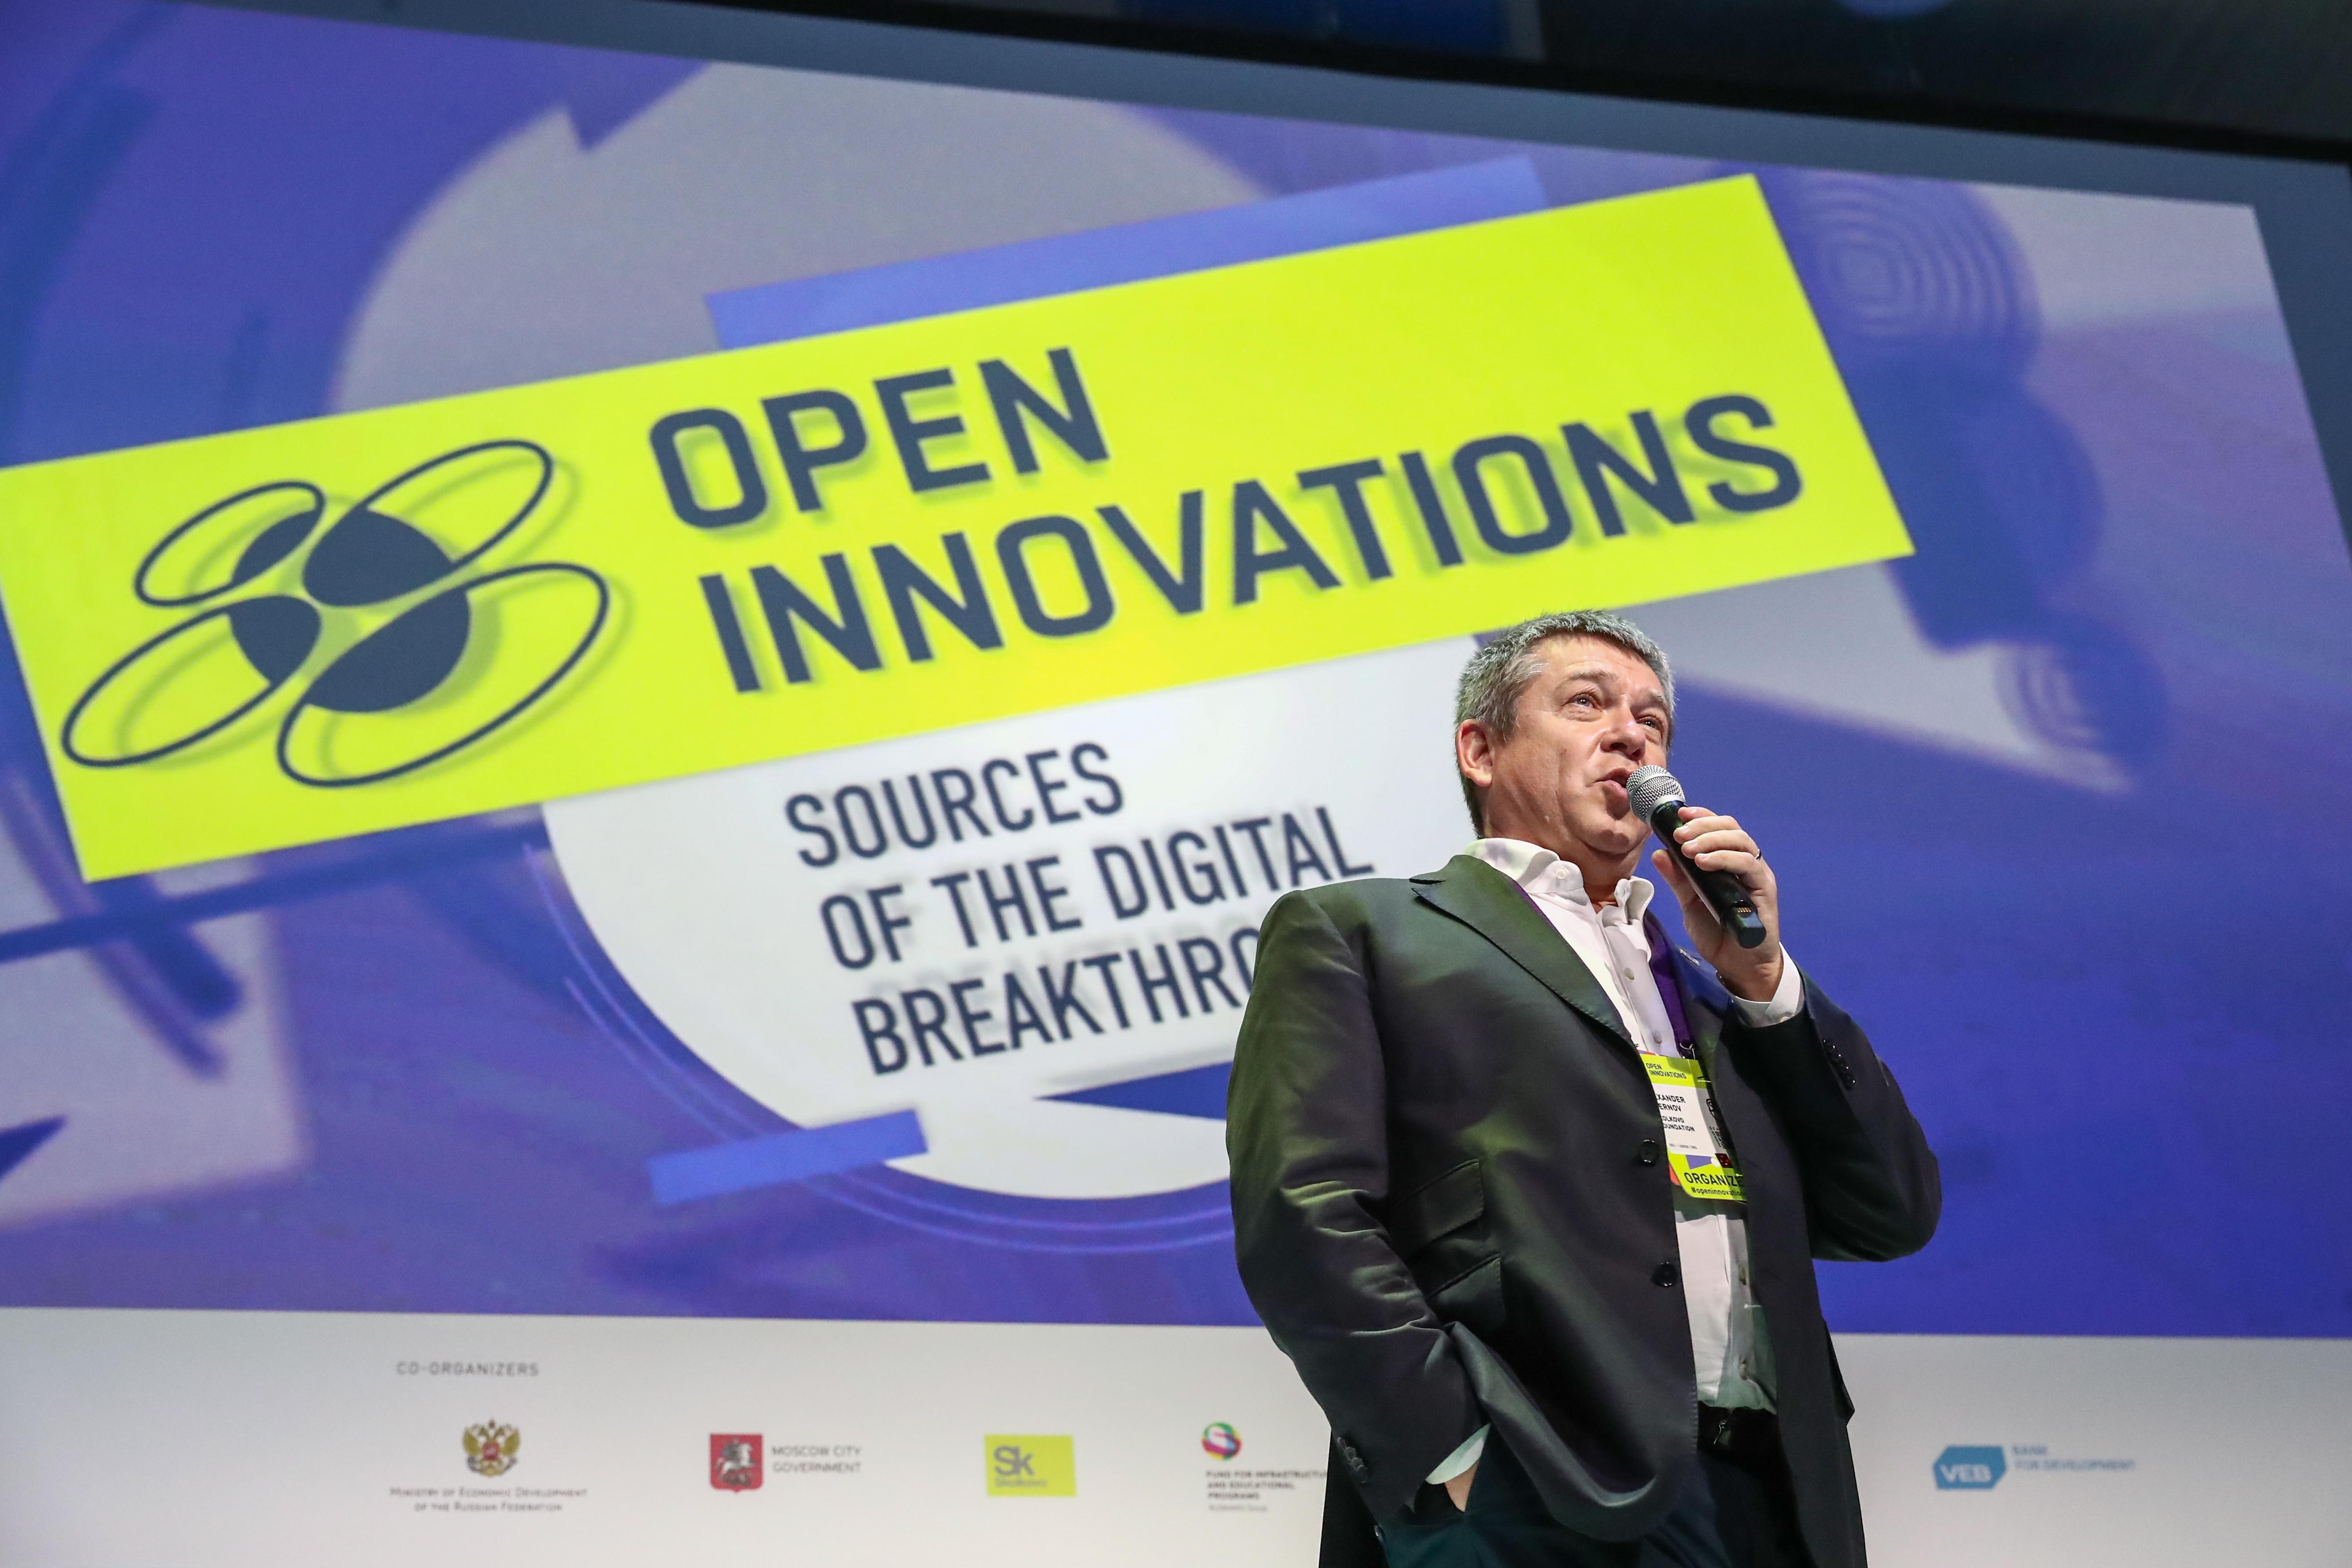 Центр Инноваций и Интернета вещей в Здравоохранении откроется в «Сколково» в рамках форума «Открытые инновации»